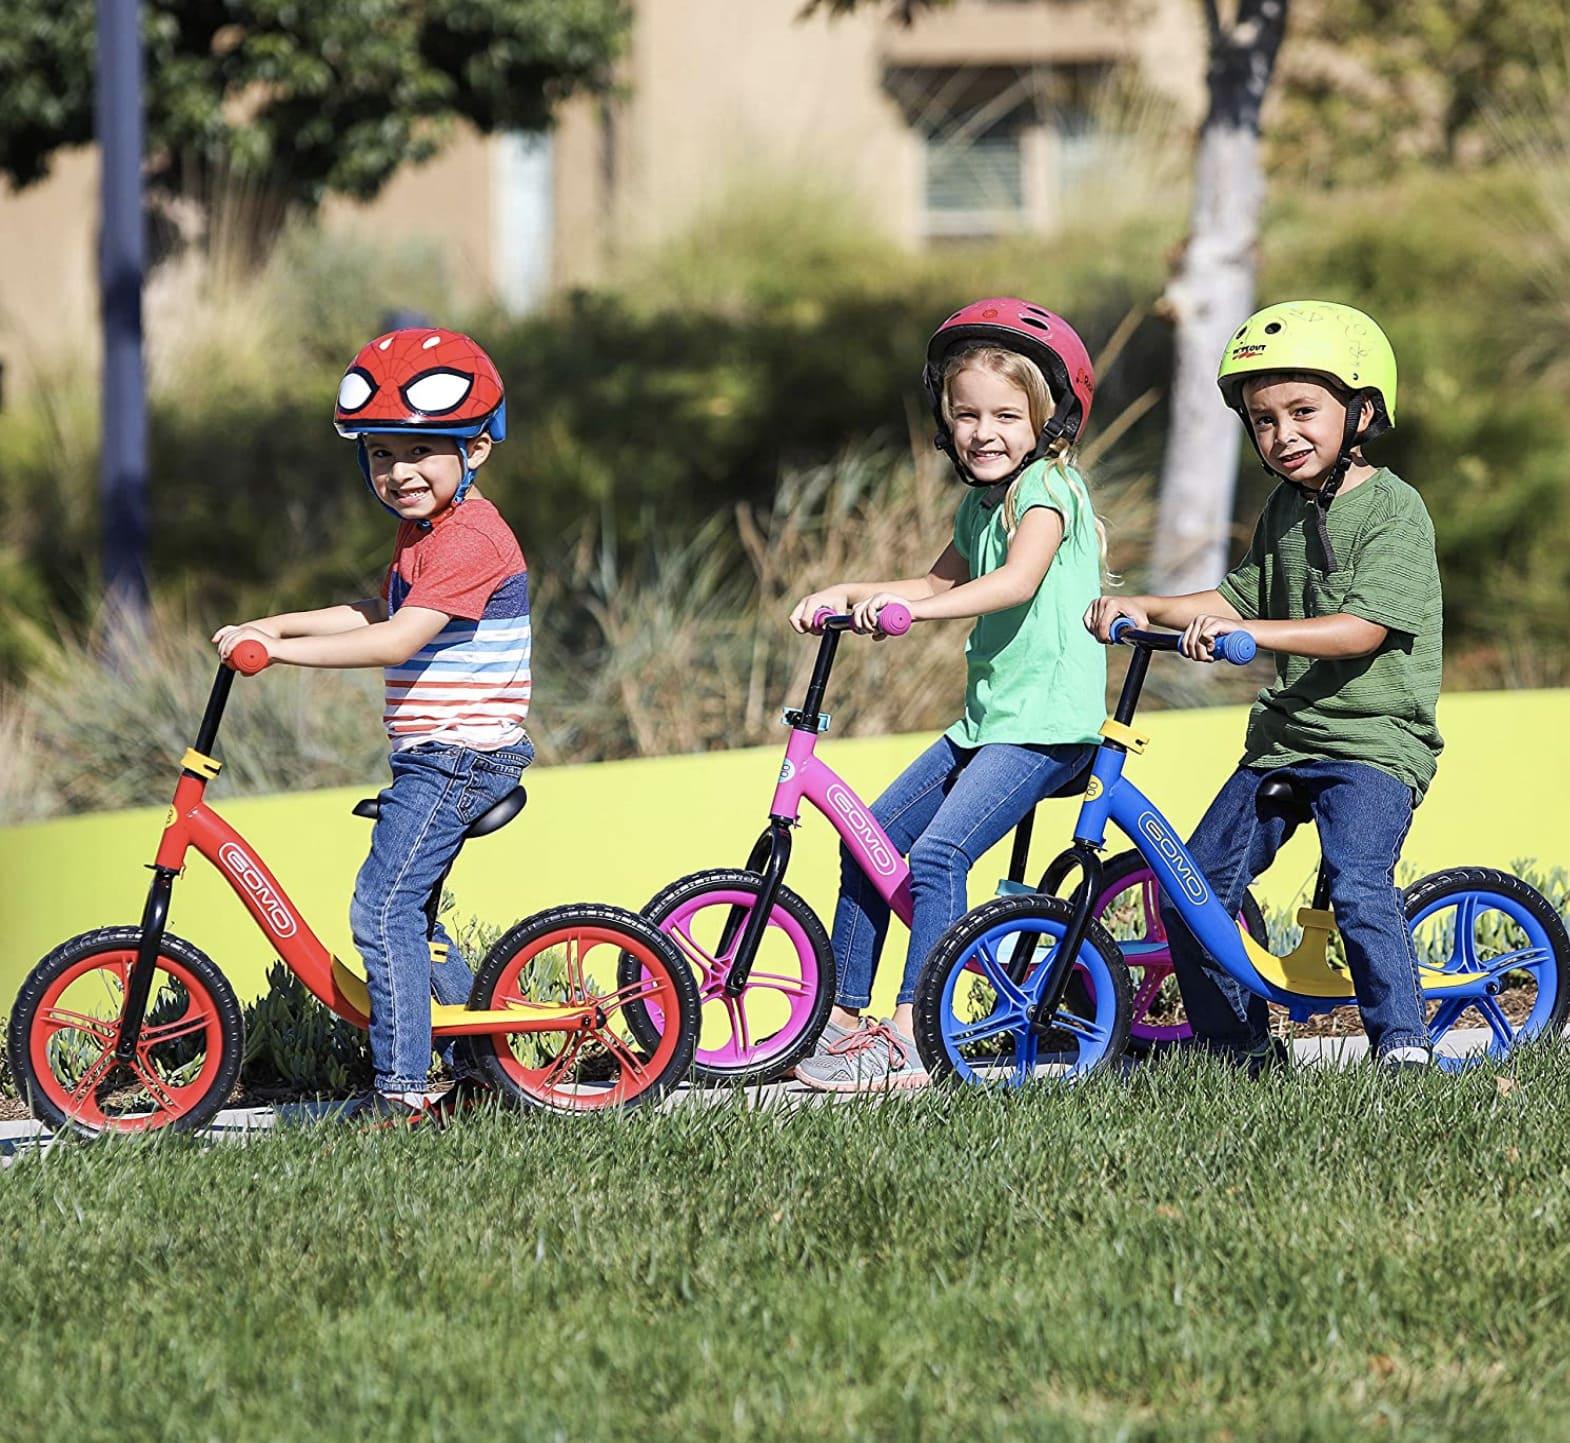 Tres colores diferentes de la bicicleta sin pedales Gomo